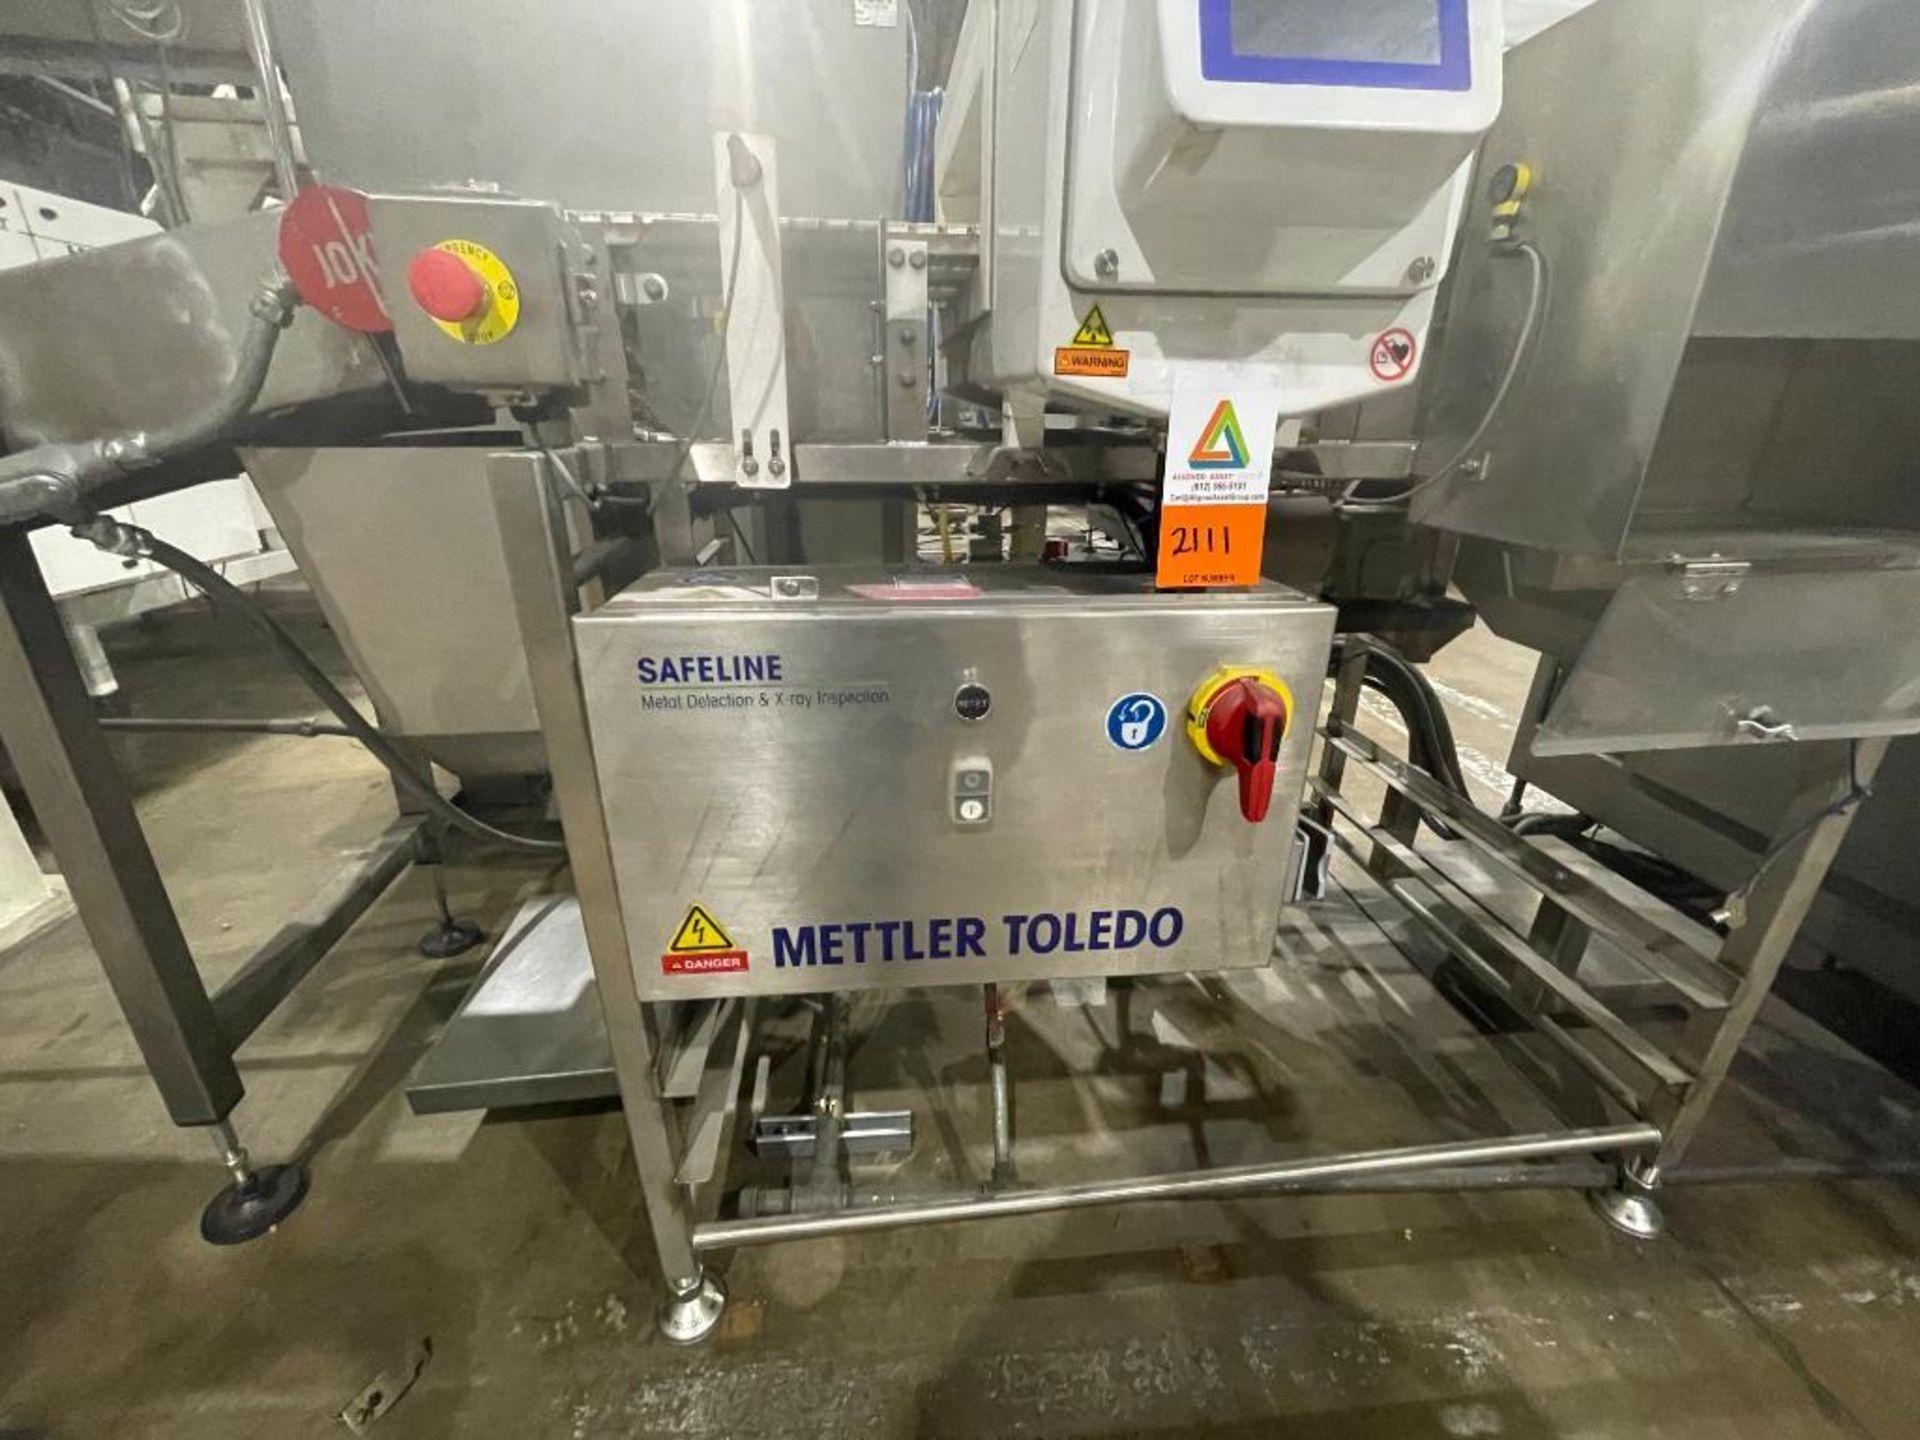 2016 Mettler Toledo metal detector, model SL1500 - Image 2 of 12